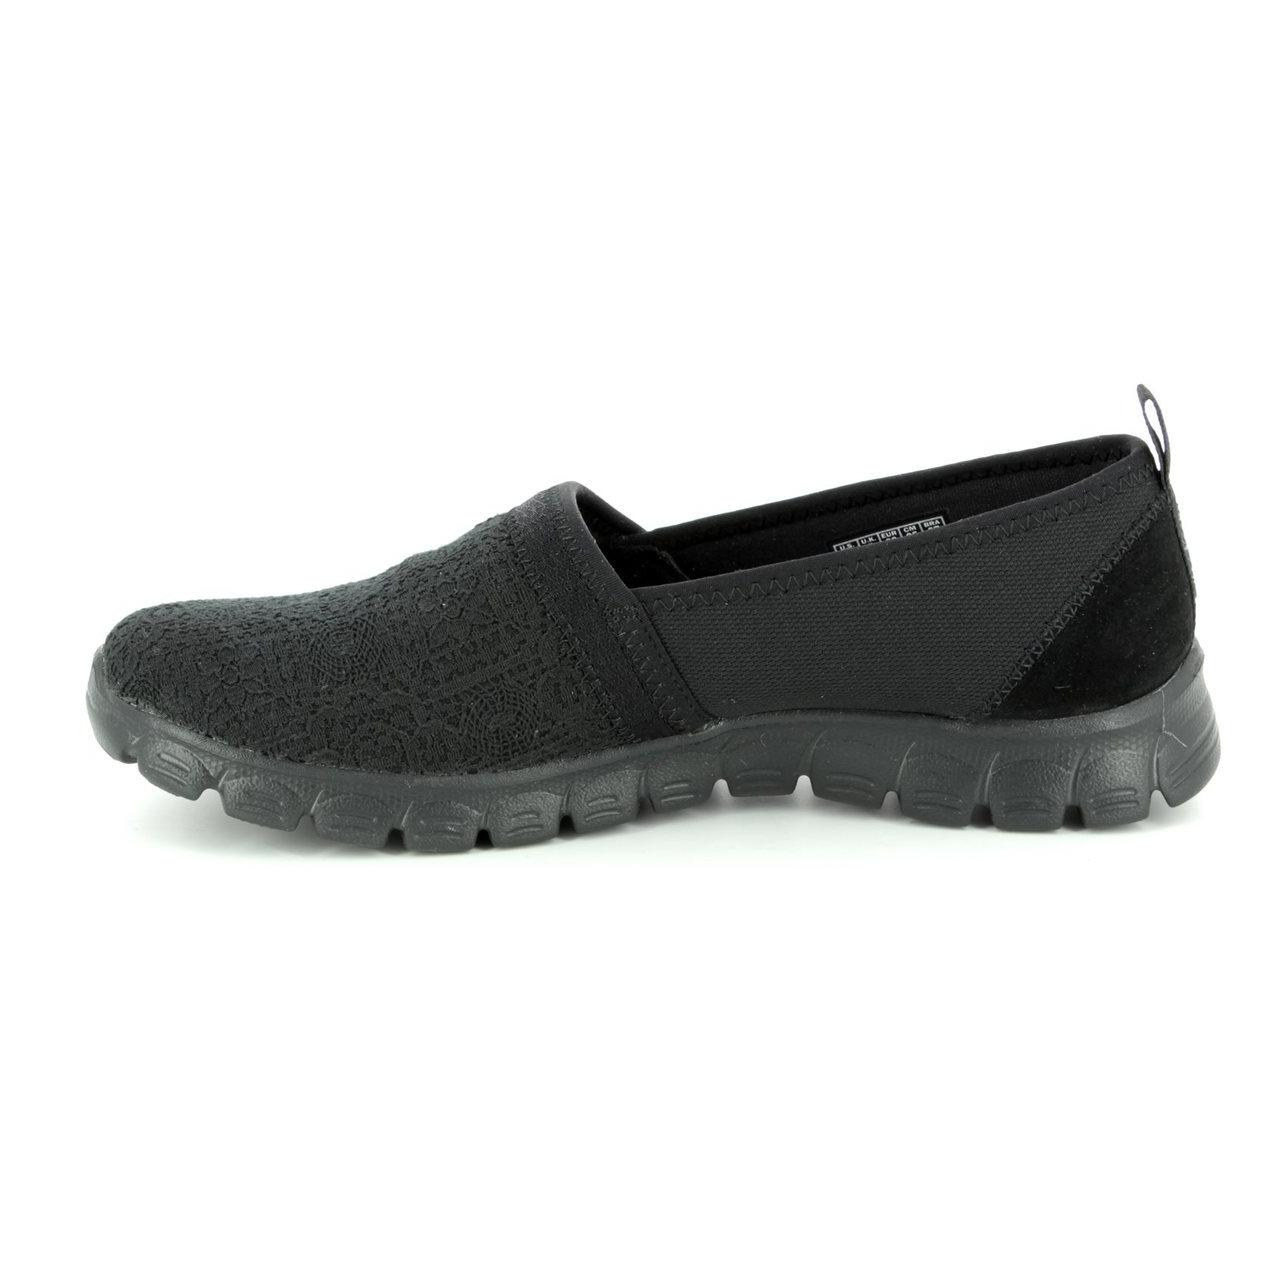 کفش مخصوص پیاده روی زنانه اسکچرز  مدل MIRACLE 23441 BBK